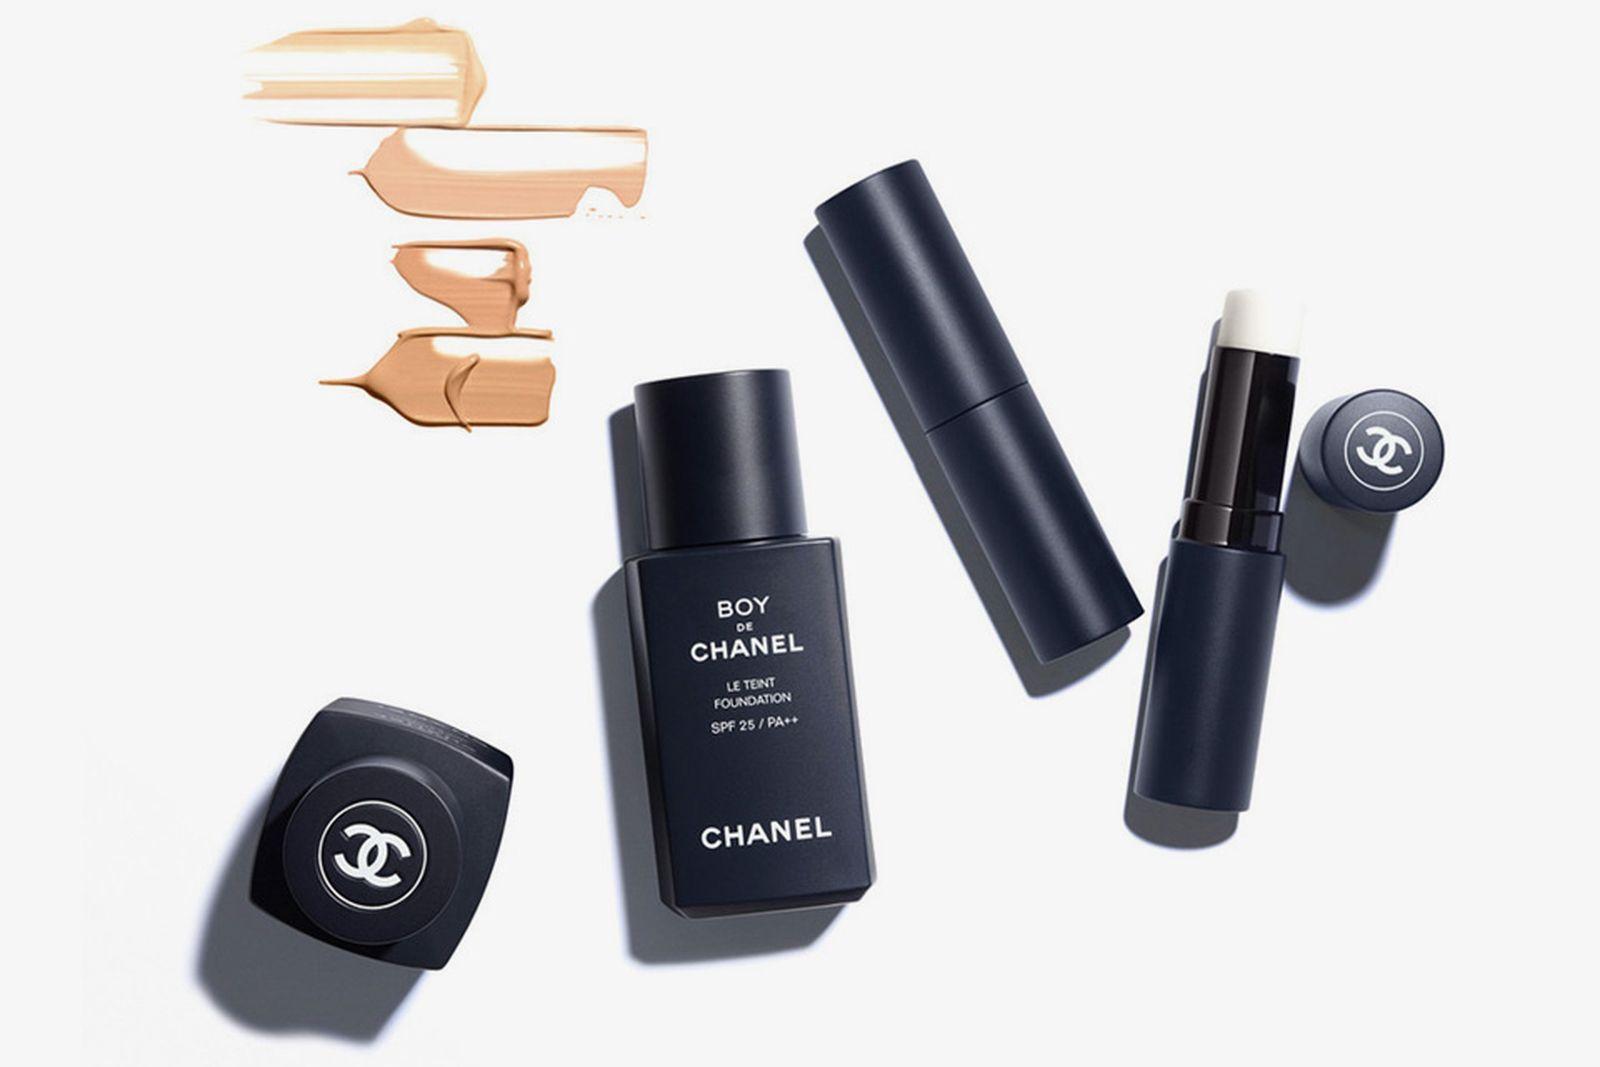 chanel makeup for men